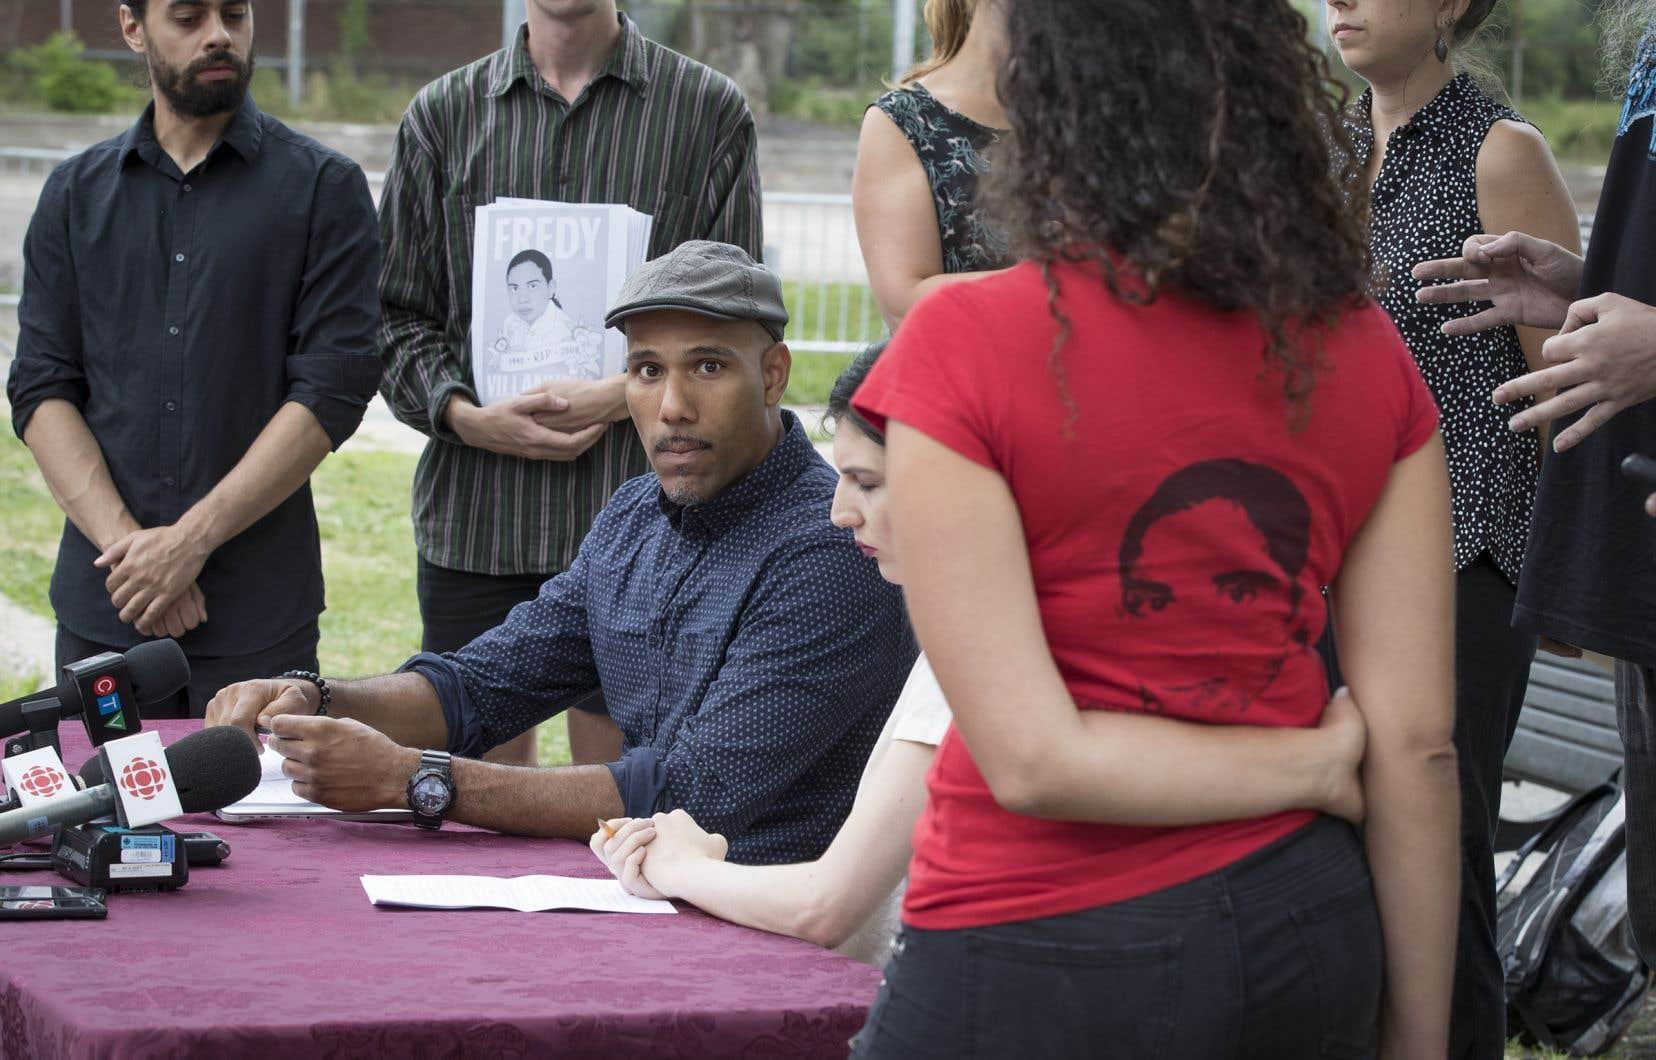 Le militant Will Prosper et des proches de Fredy Villanueva ont organisé une conférence à proximité du parc Henri-Bourassa, mercredi.